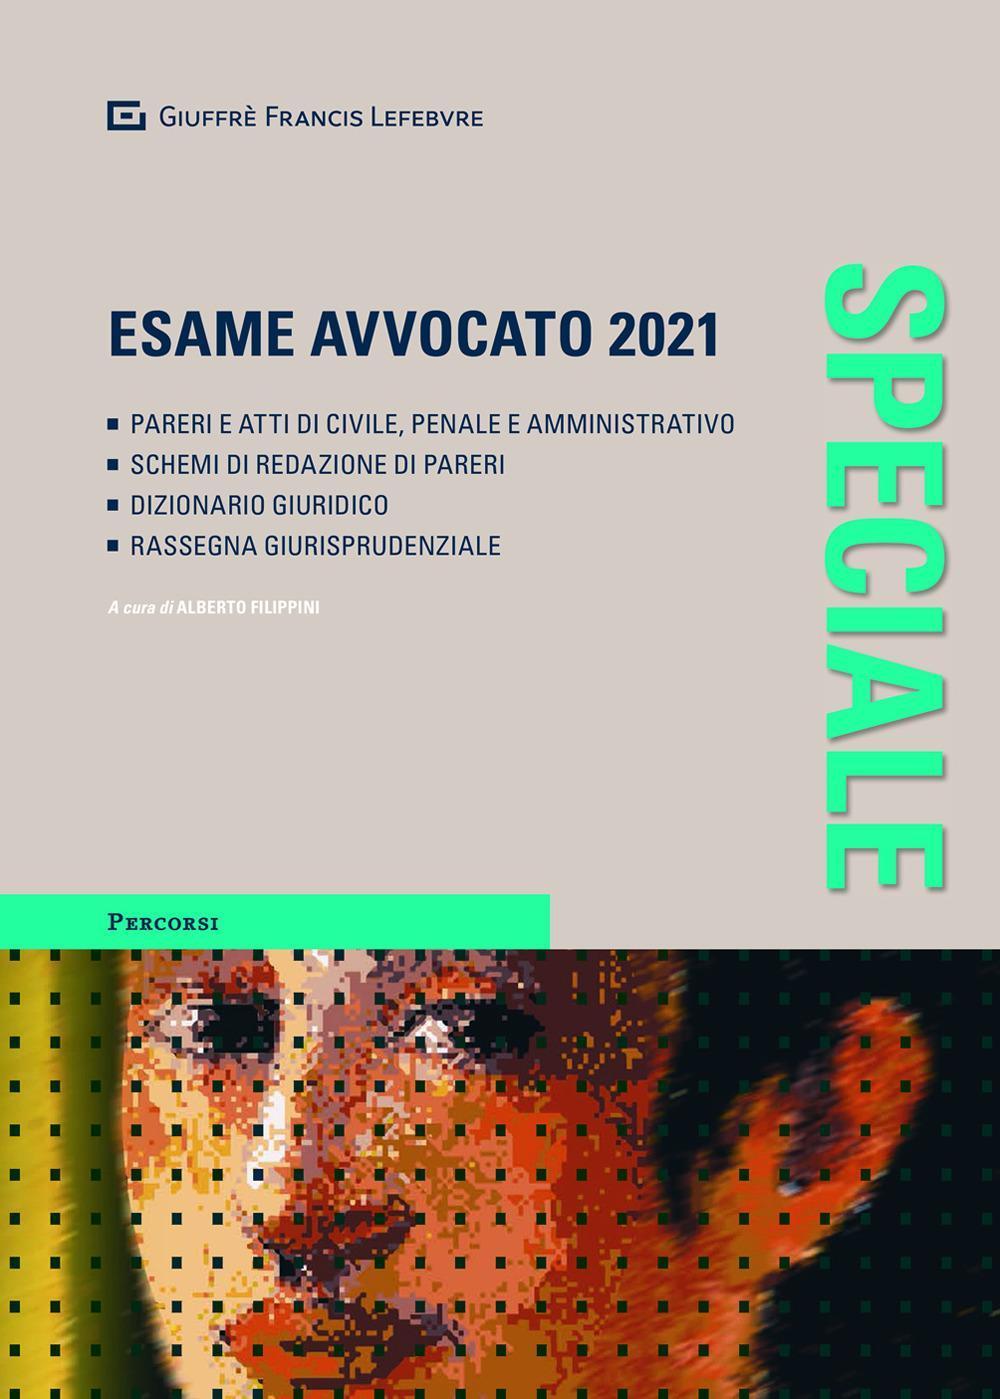 ESAME AVVOCATO 2021 – SPECIALE GIUFFRE'